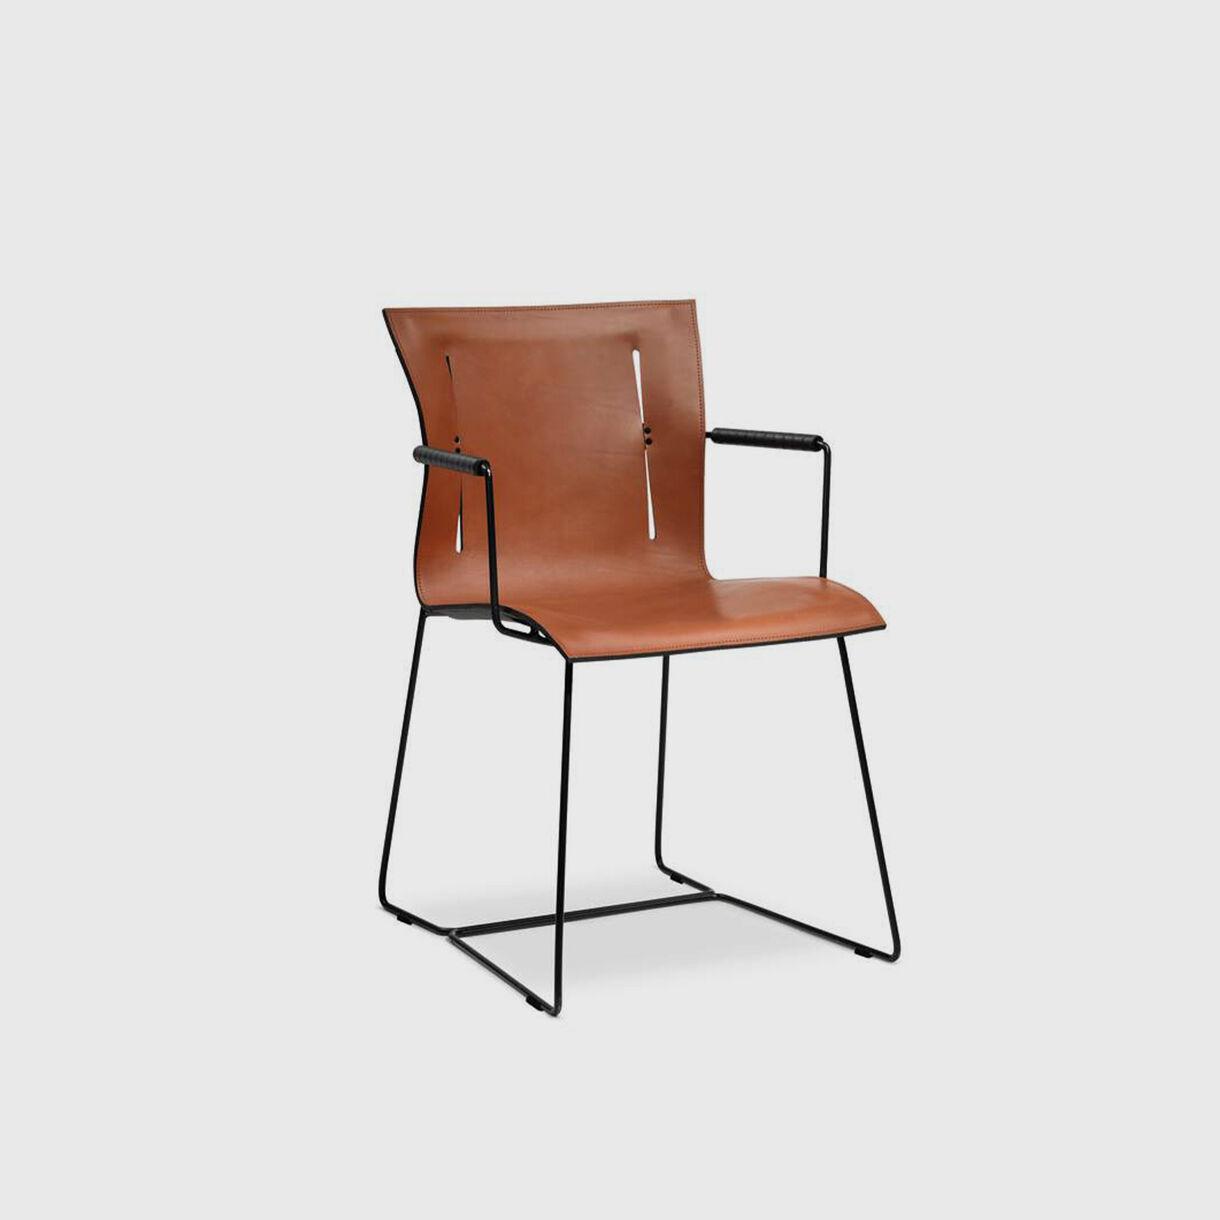 Cuoio Chair